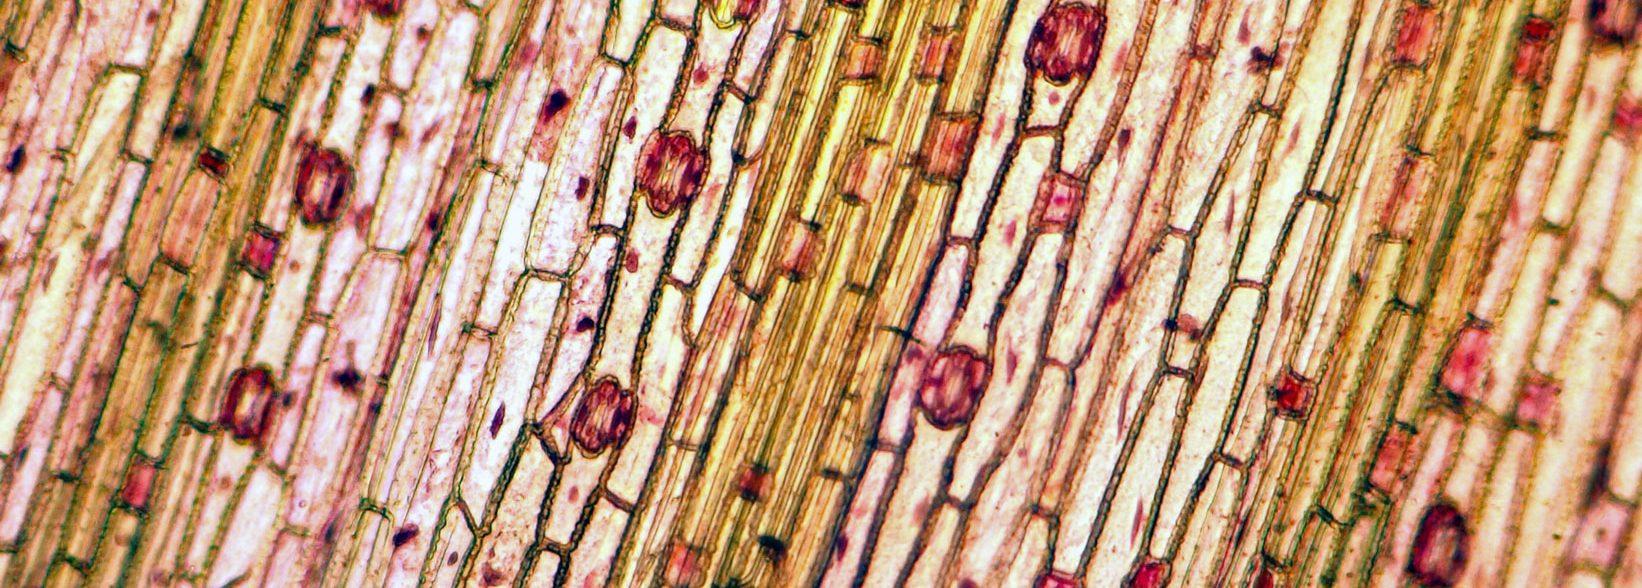 Mikroskopie als Hobby